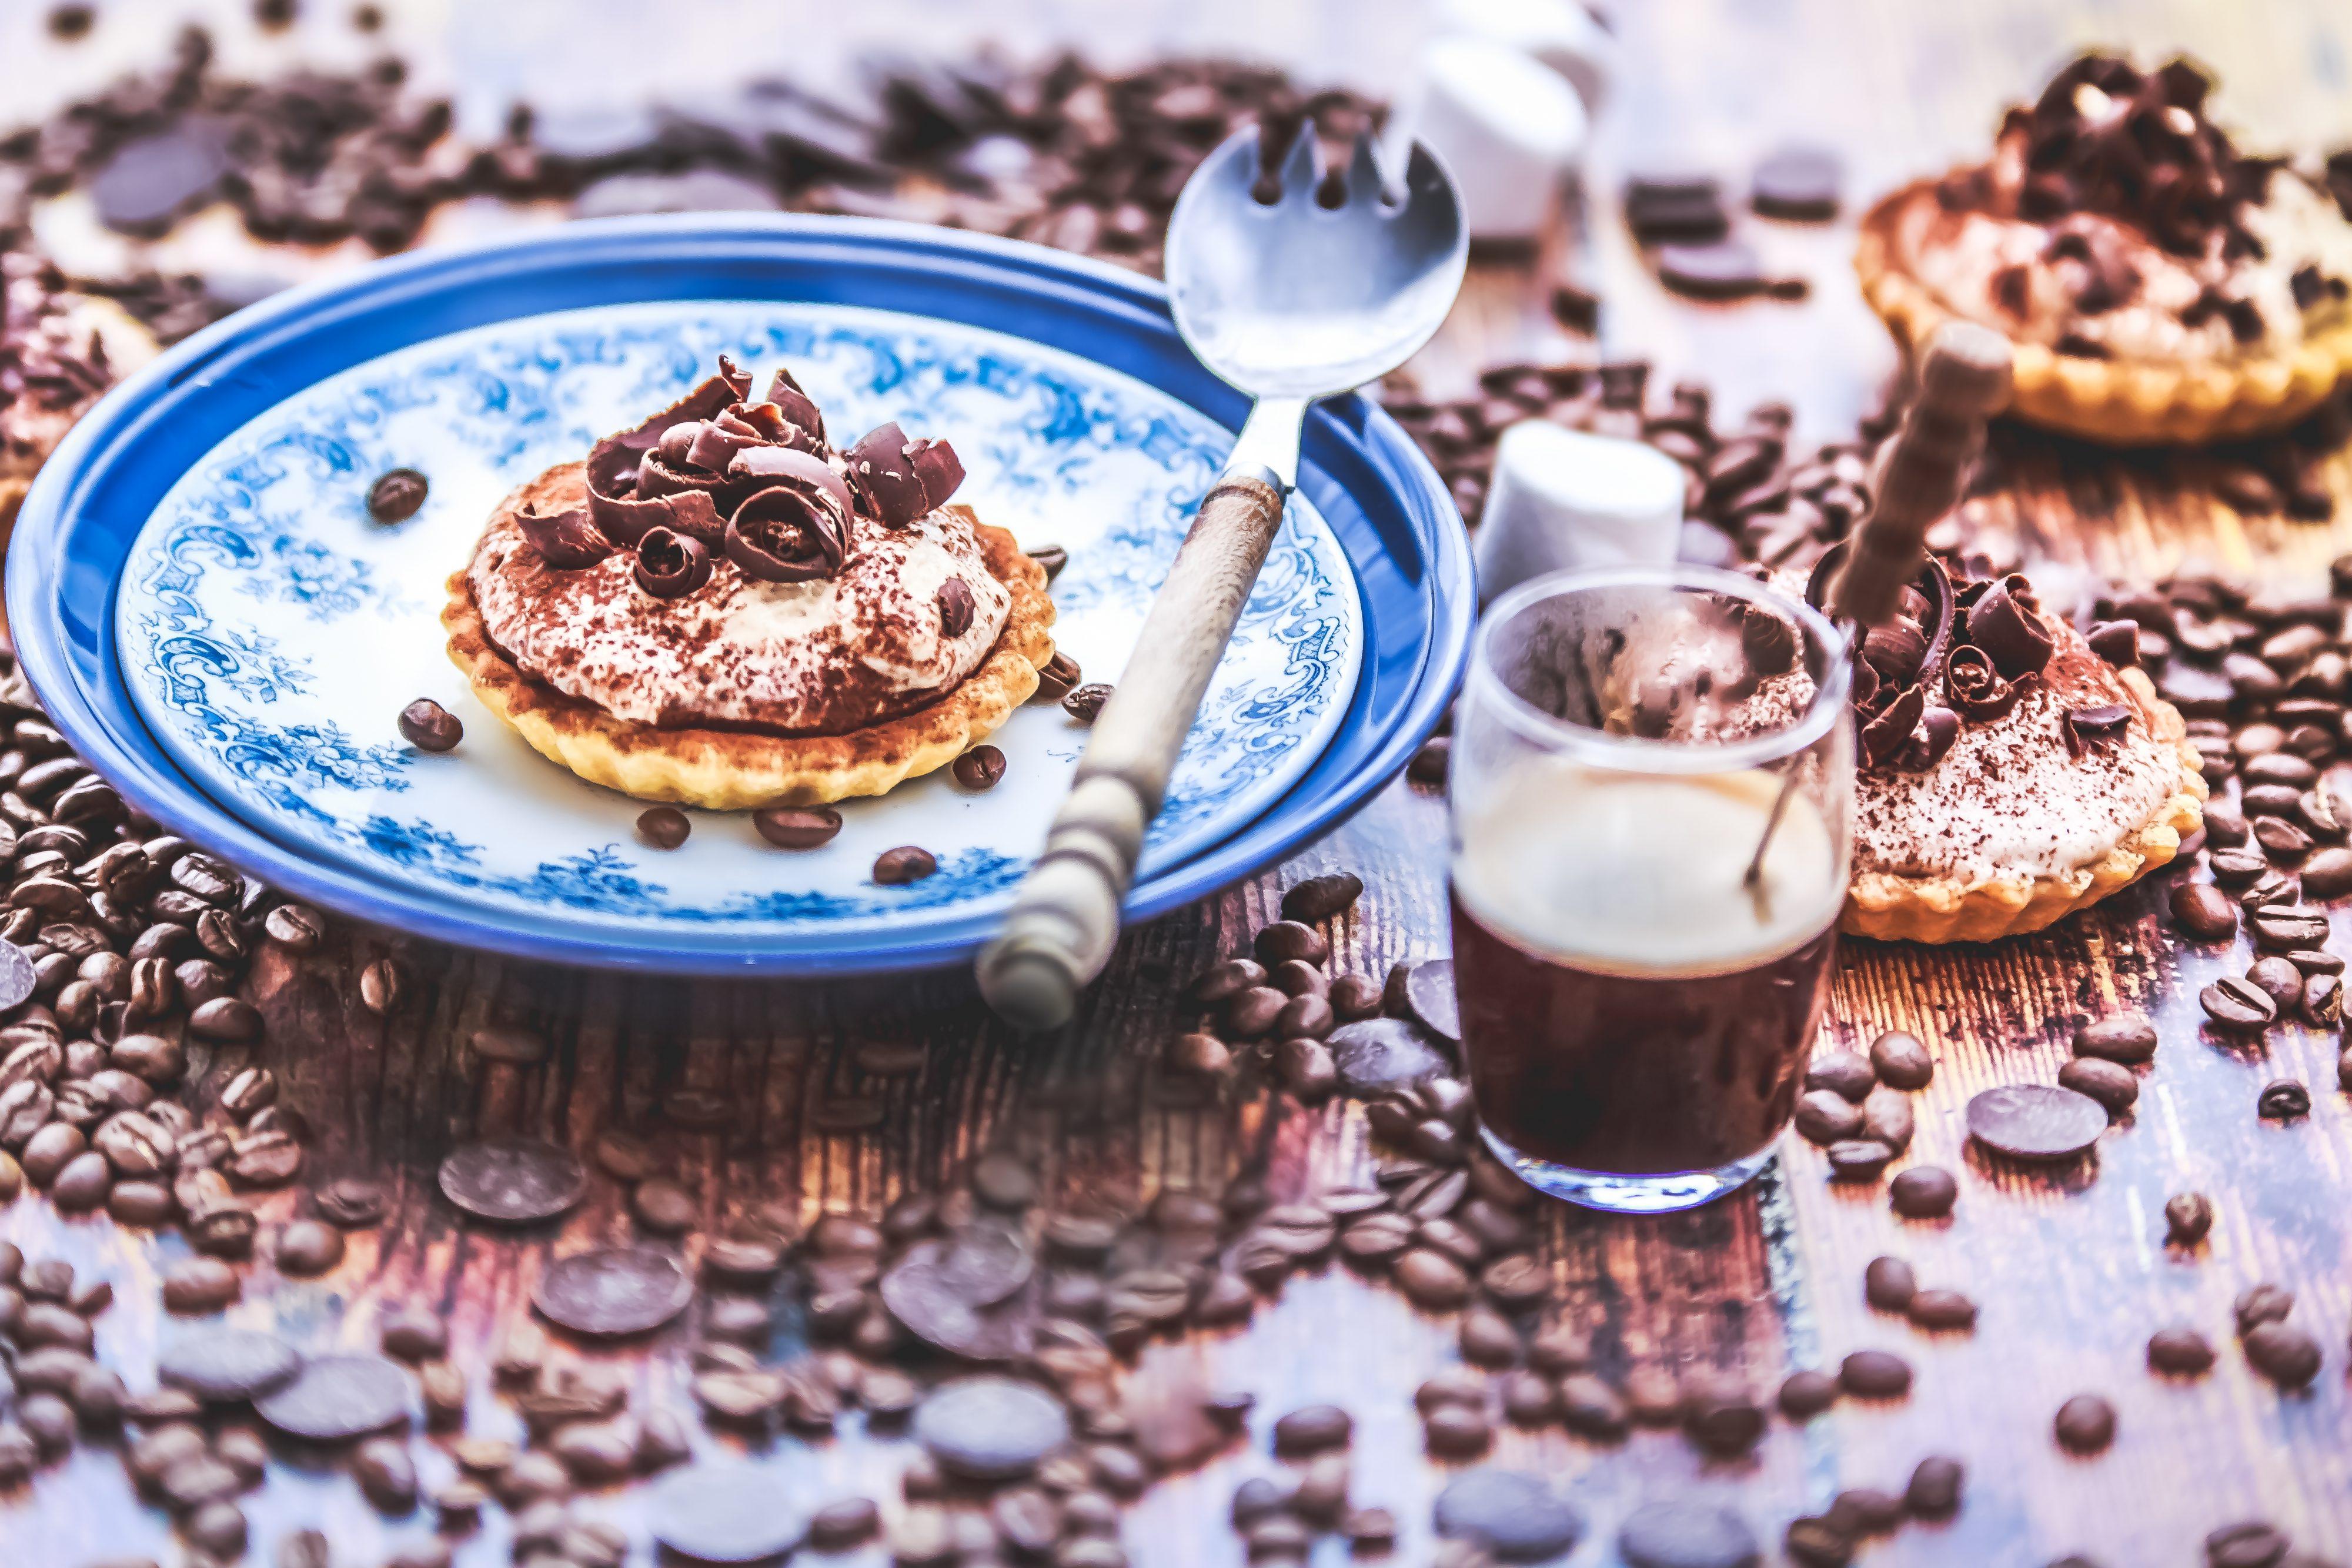 Photographe culinaire France, recette facile Tartelettes chocolat cappuccino à la guimauve